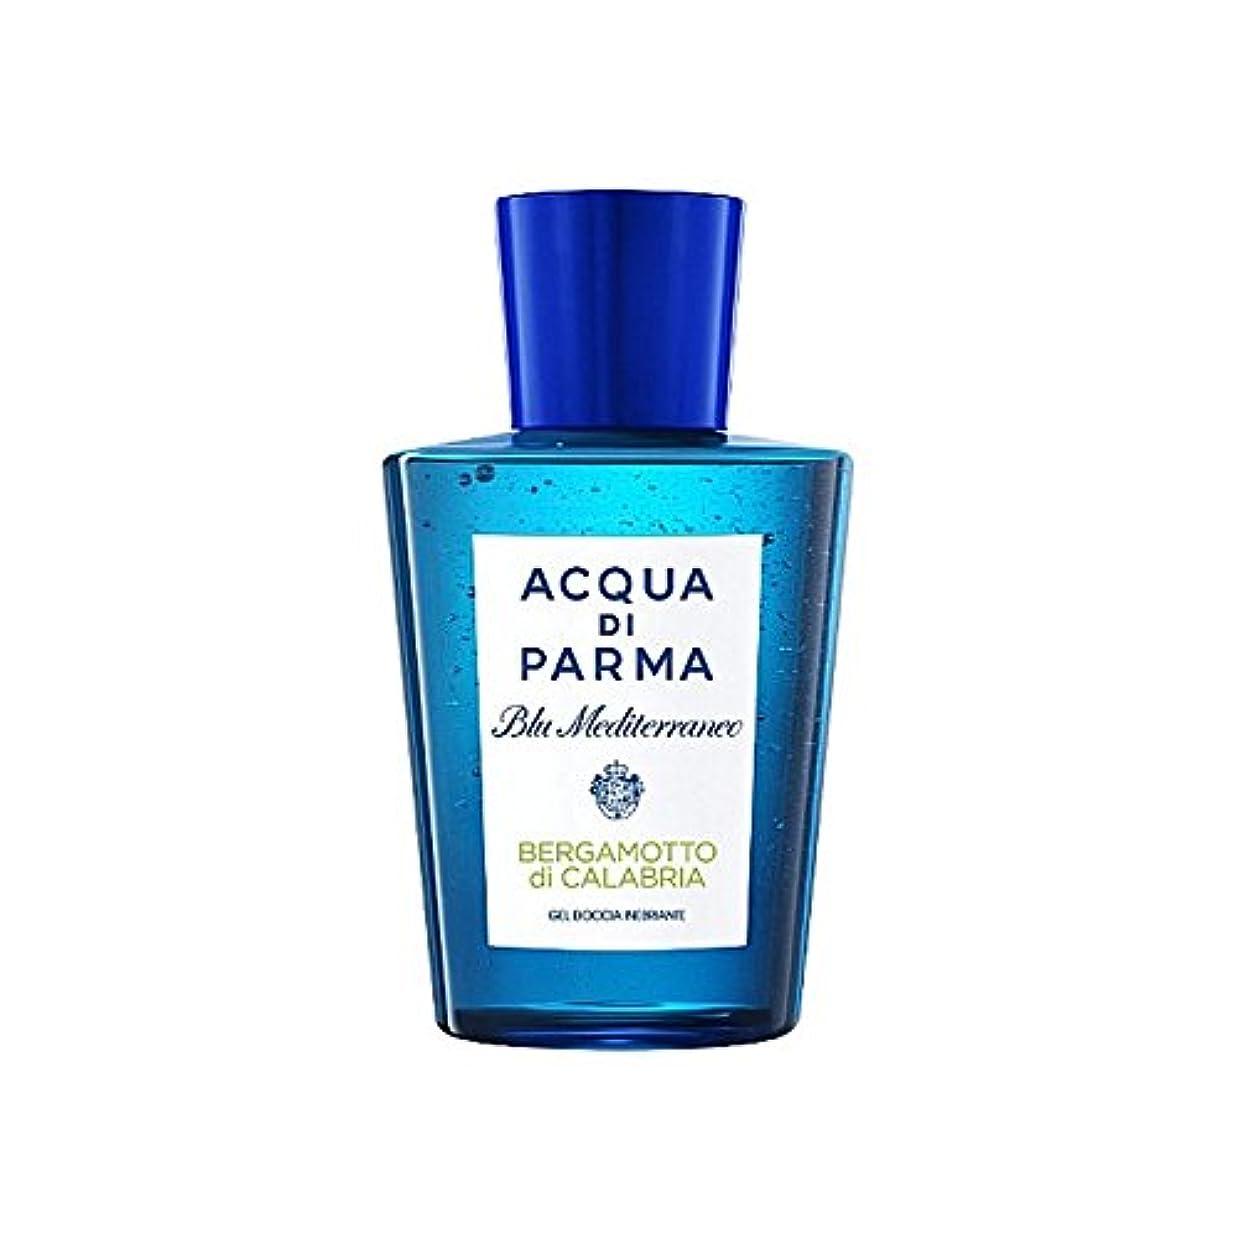 ワンダー能力期間Acqua Di Parma Blu Mediterraneo Bergamotto Di Calabria Shower Gel 200ml - アクアディパルマブルーメディのディカラブリアシャワージェル200 [並行輸入品]